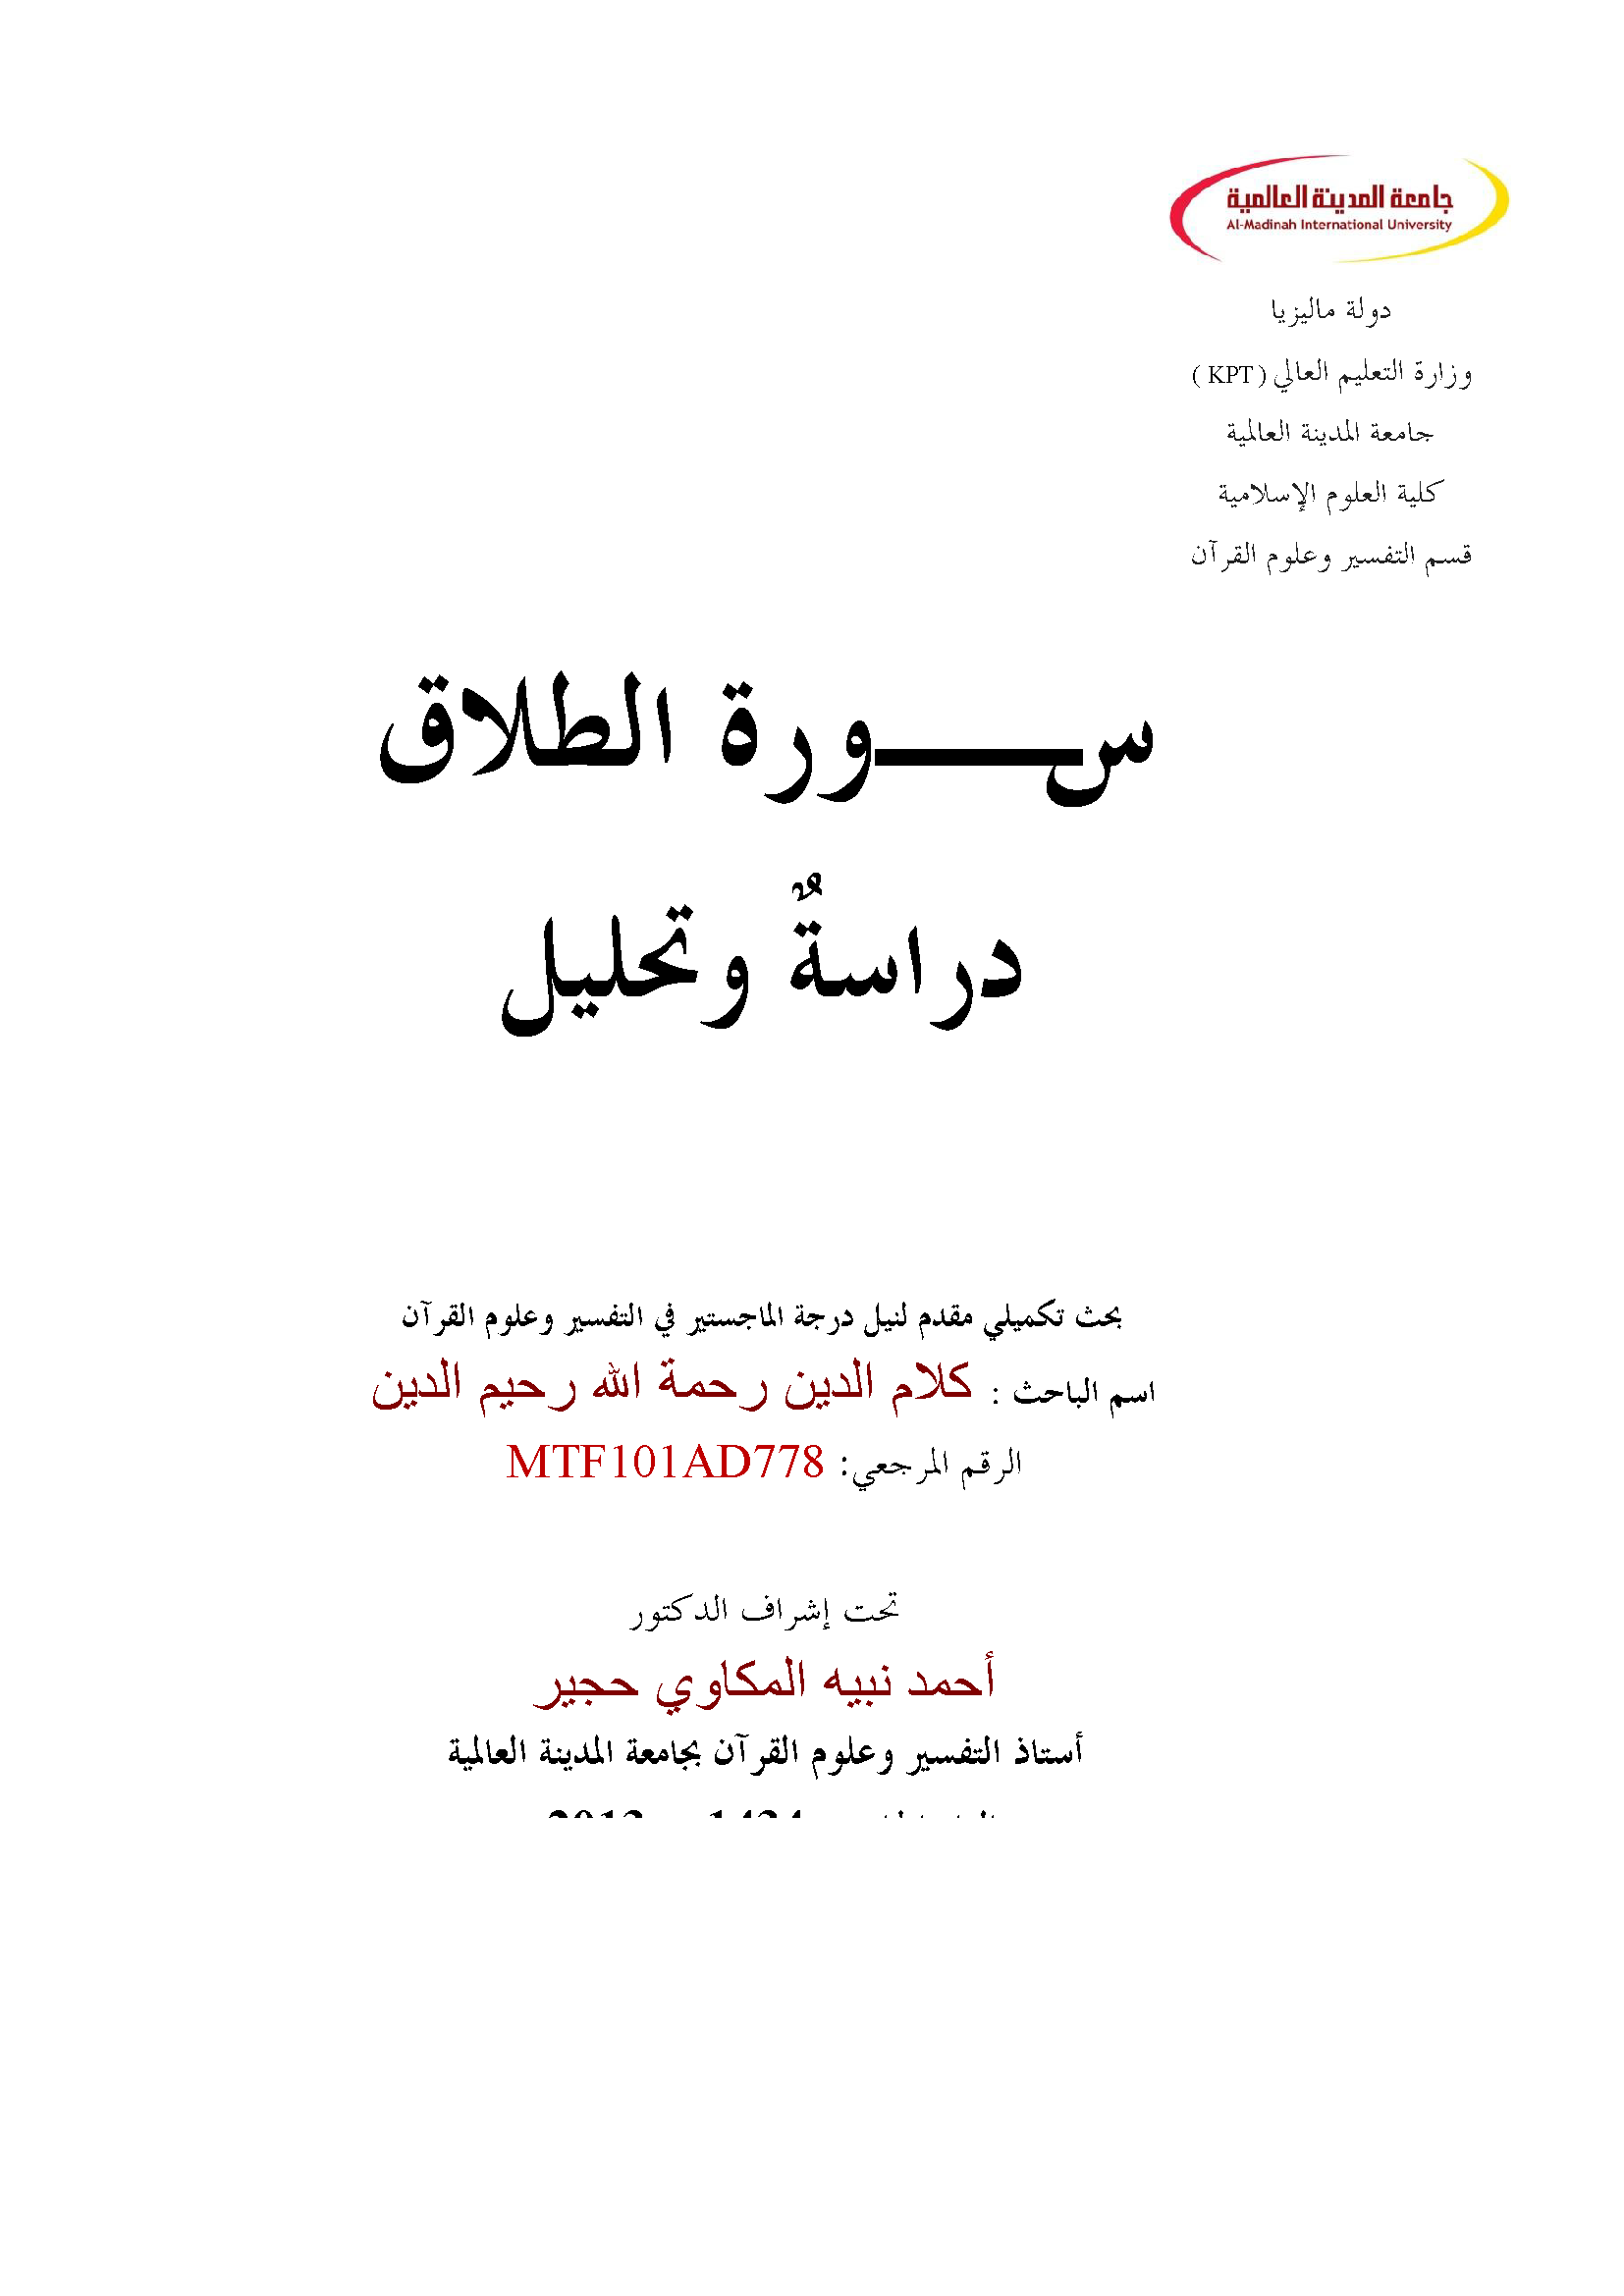 تحميل كتاب سورة الطلاق (دراسة تحليلية) لـِ: كلام الدين رحمة الله رحيم الدين